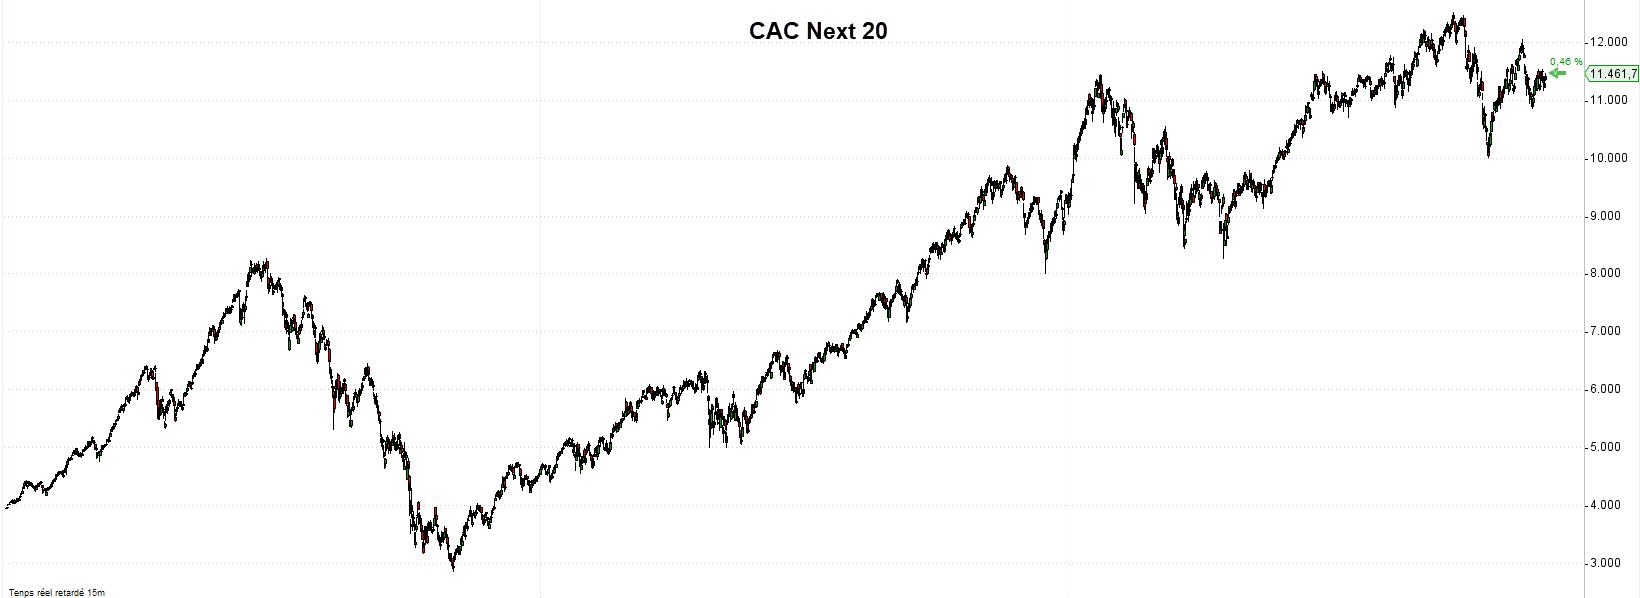 La bourse de paris cotations de a à z - graphique cac next 20 trading